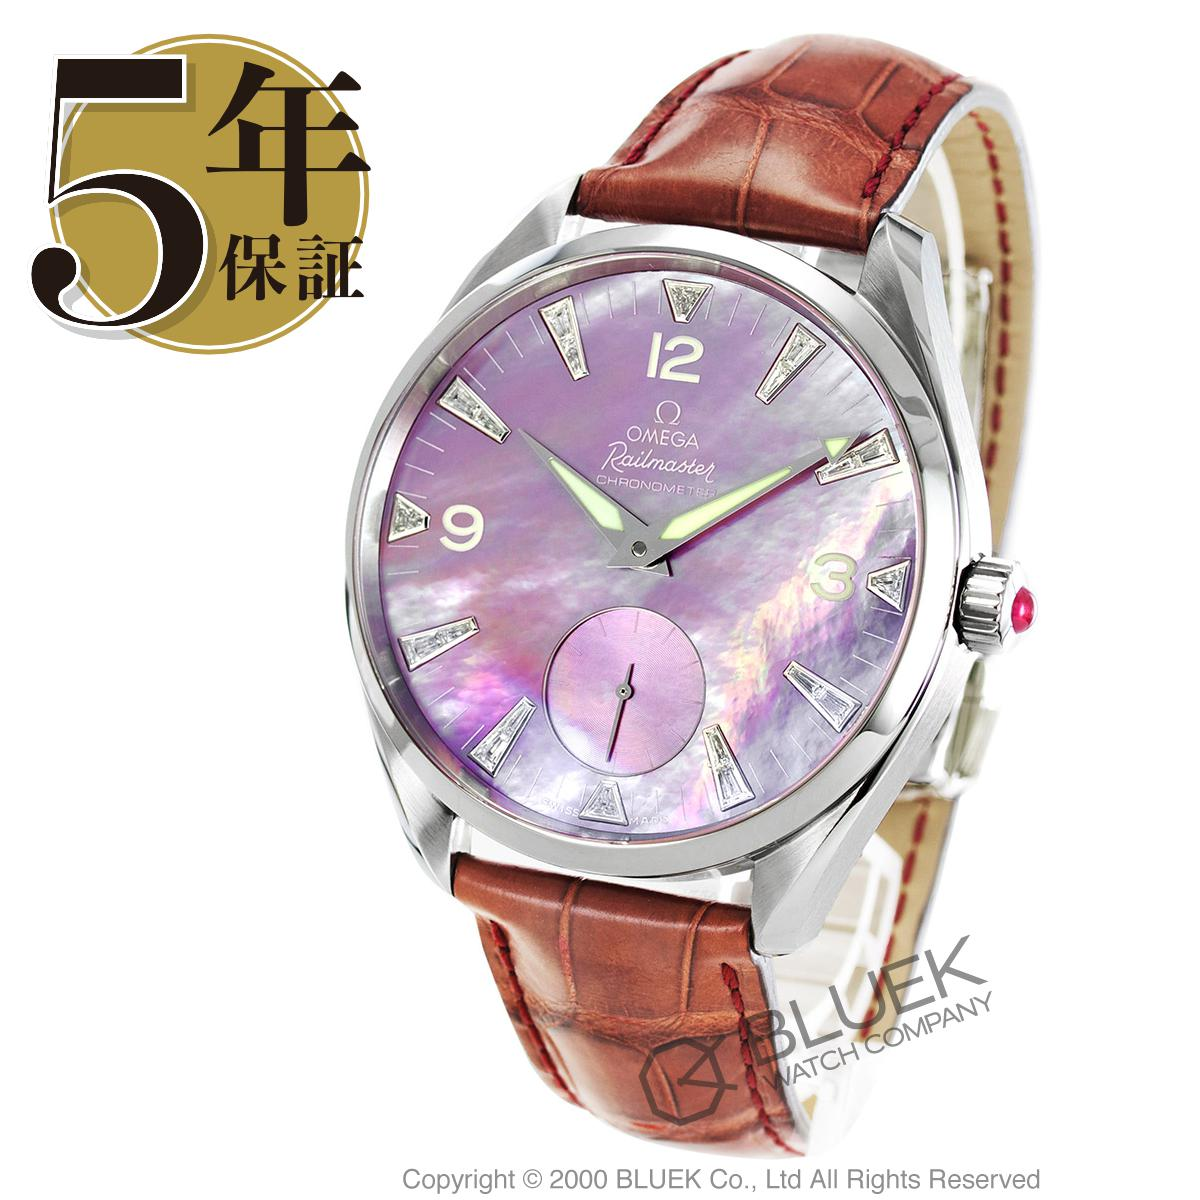 オメガ シーマスター レイルマスター XXL ダイヤ アリゲーターレザー 腕時計 メンズ OMEGA 2806.77.40_8